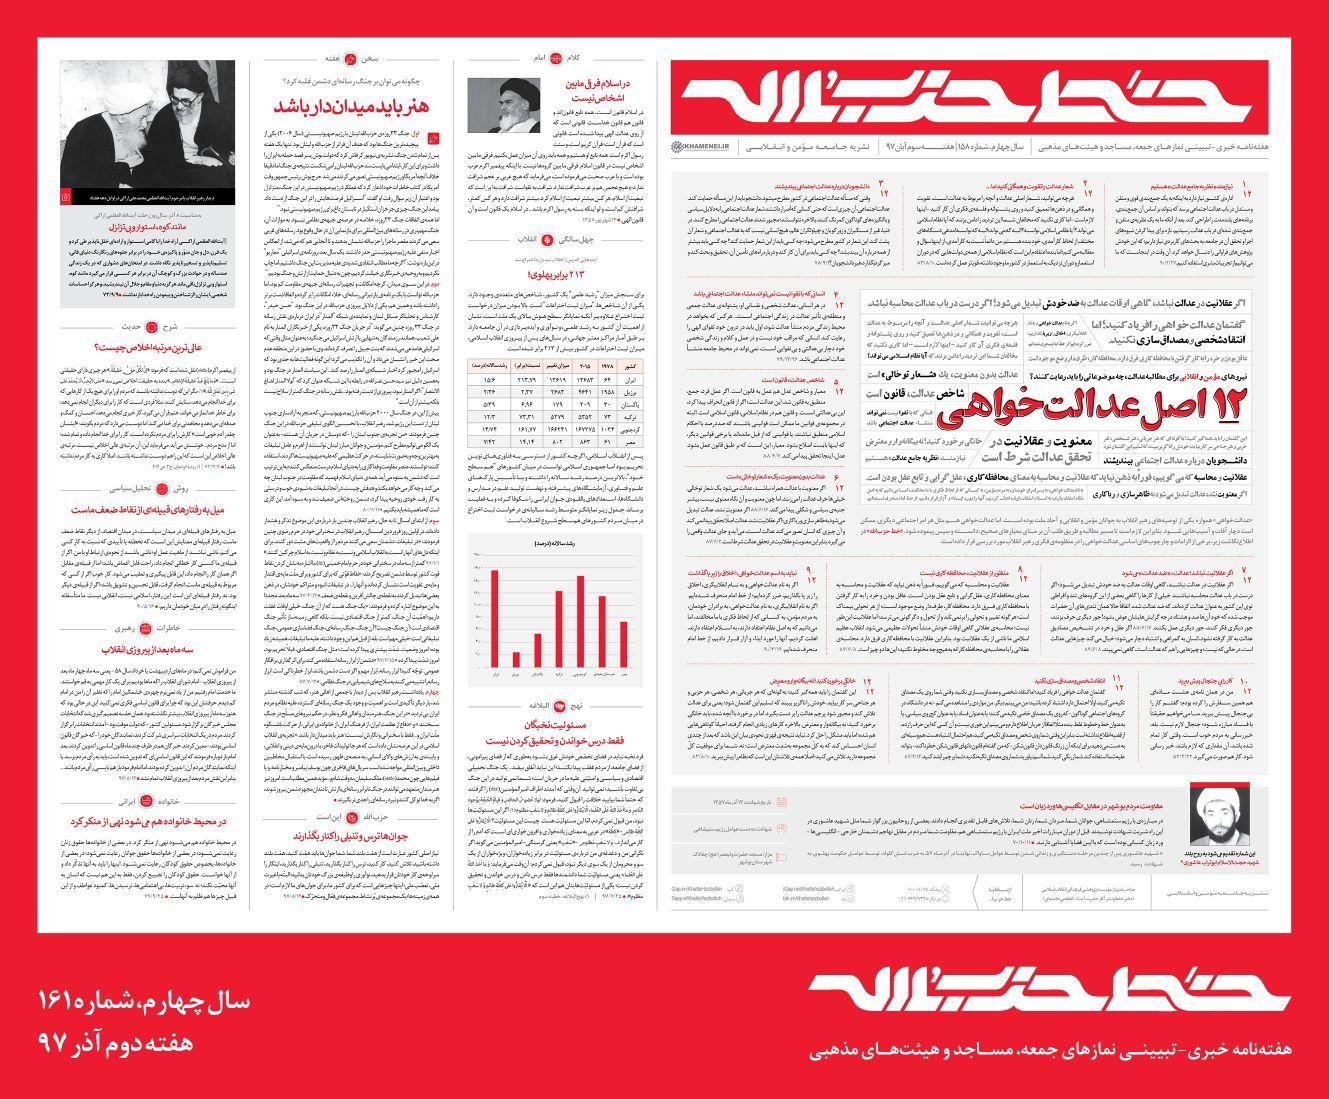 نسخه بزرگ خط حزب الله | با هزینه کمتر هر هفته برای تابلو اعلانات اداره شما